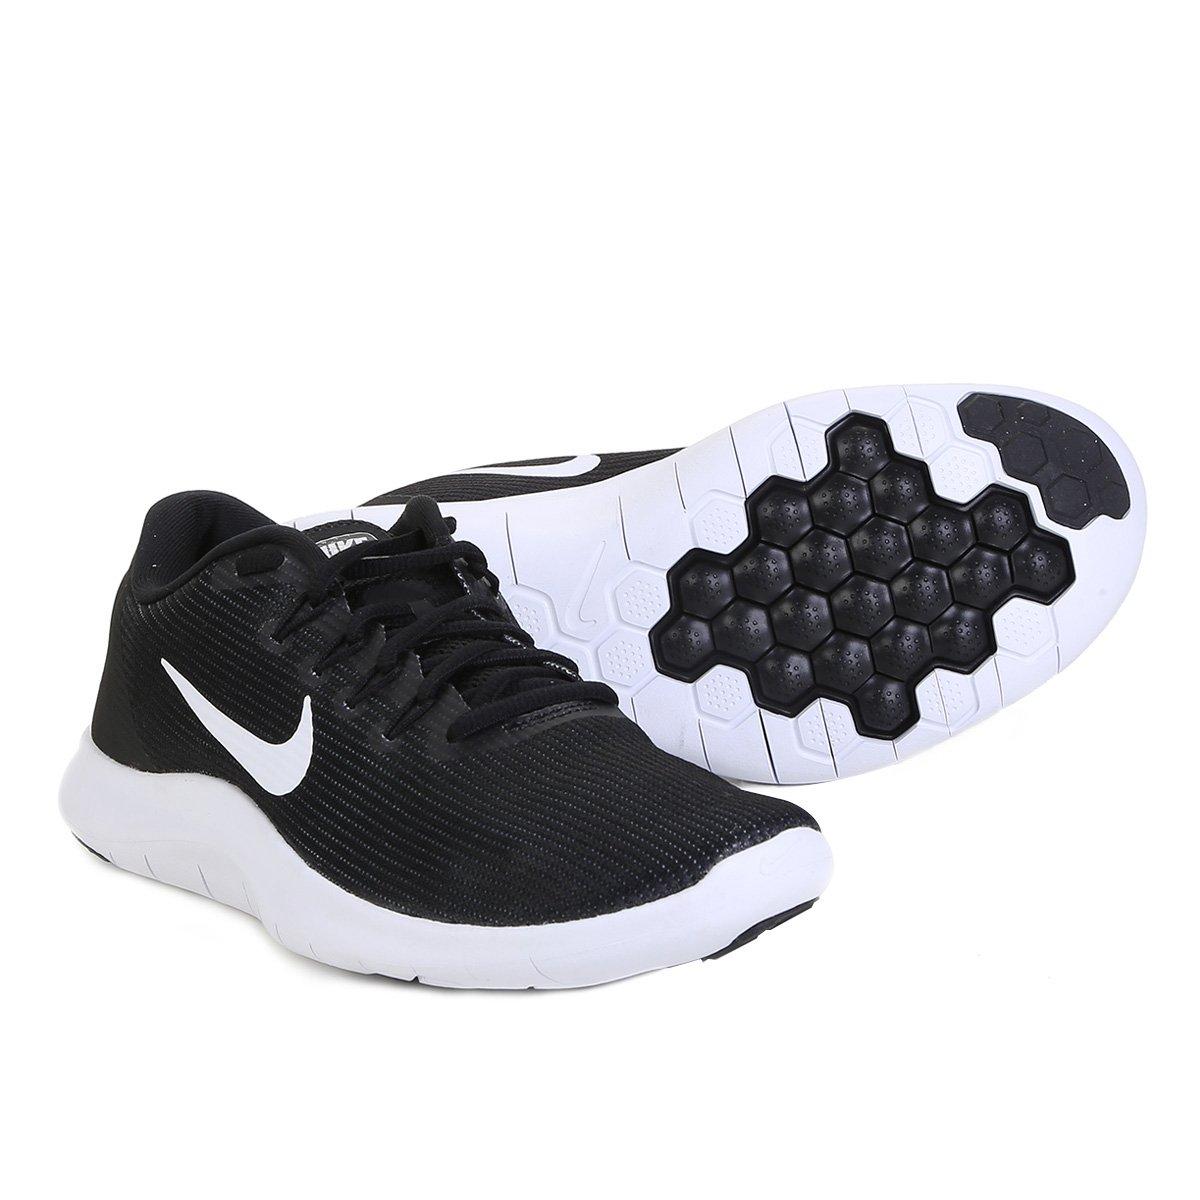 d5088cf3e50 Tênis Nike Flex 2018 Rn Masculino - Preto e Chumbo - Compre Agora ...